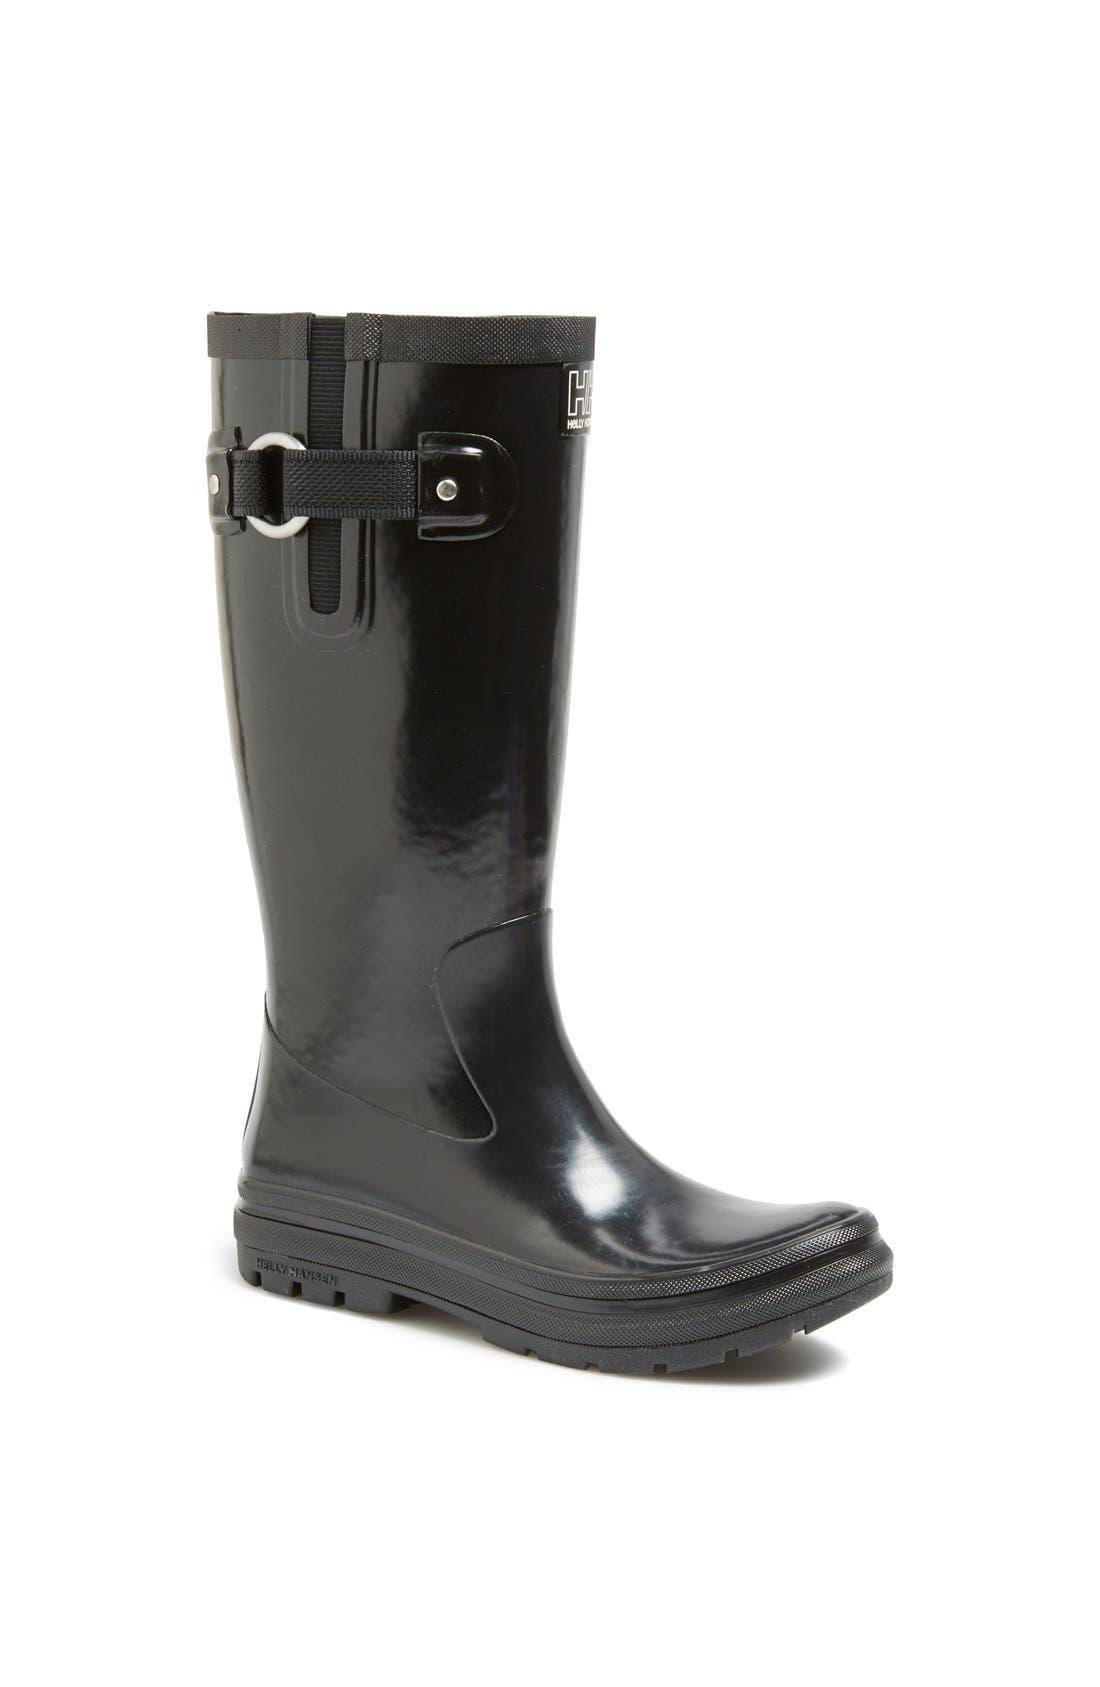 Alternate Image 1 Selected - Helly Hansen 'Veierland' Rain Boot